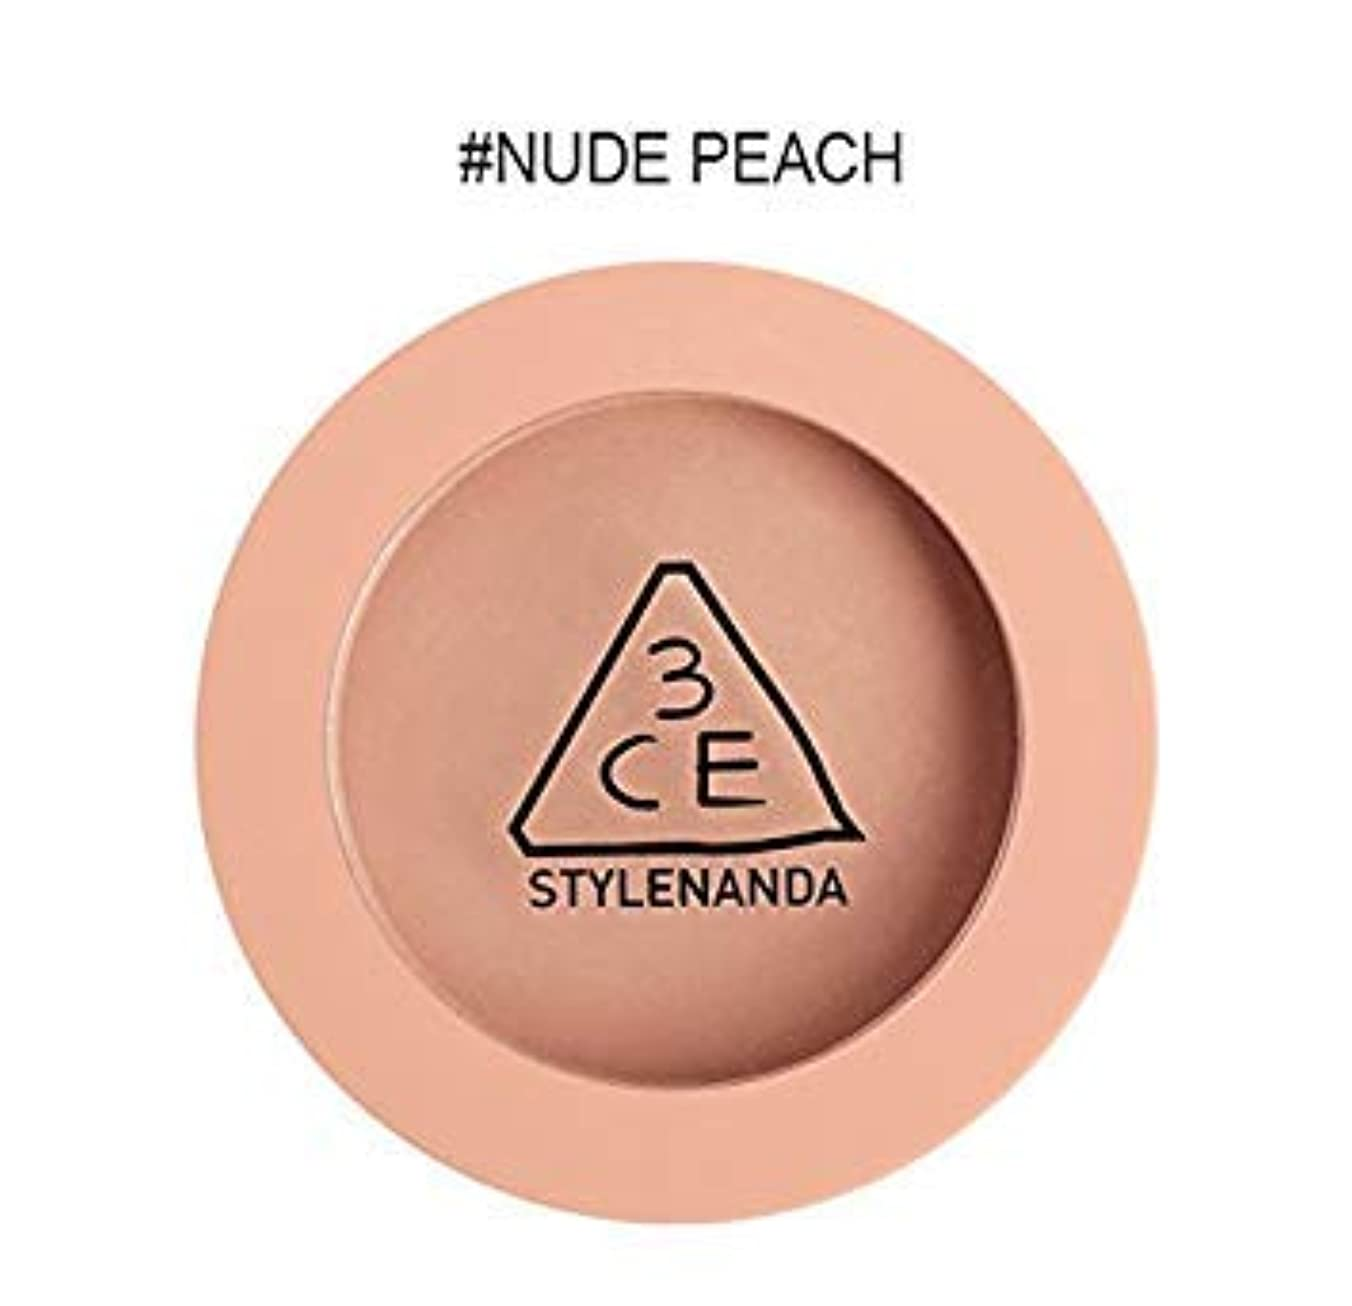 専門用語オーロック見習い3CE ムードレシピ フェイス ブラッシュ (チーク) / Mood Recipe Face Blush (ヌードピーチ(Nude Peach)) [並行輸入品]